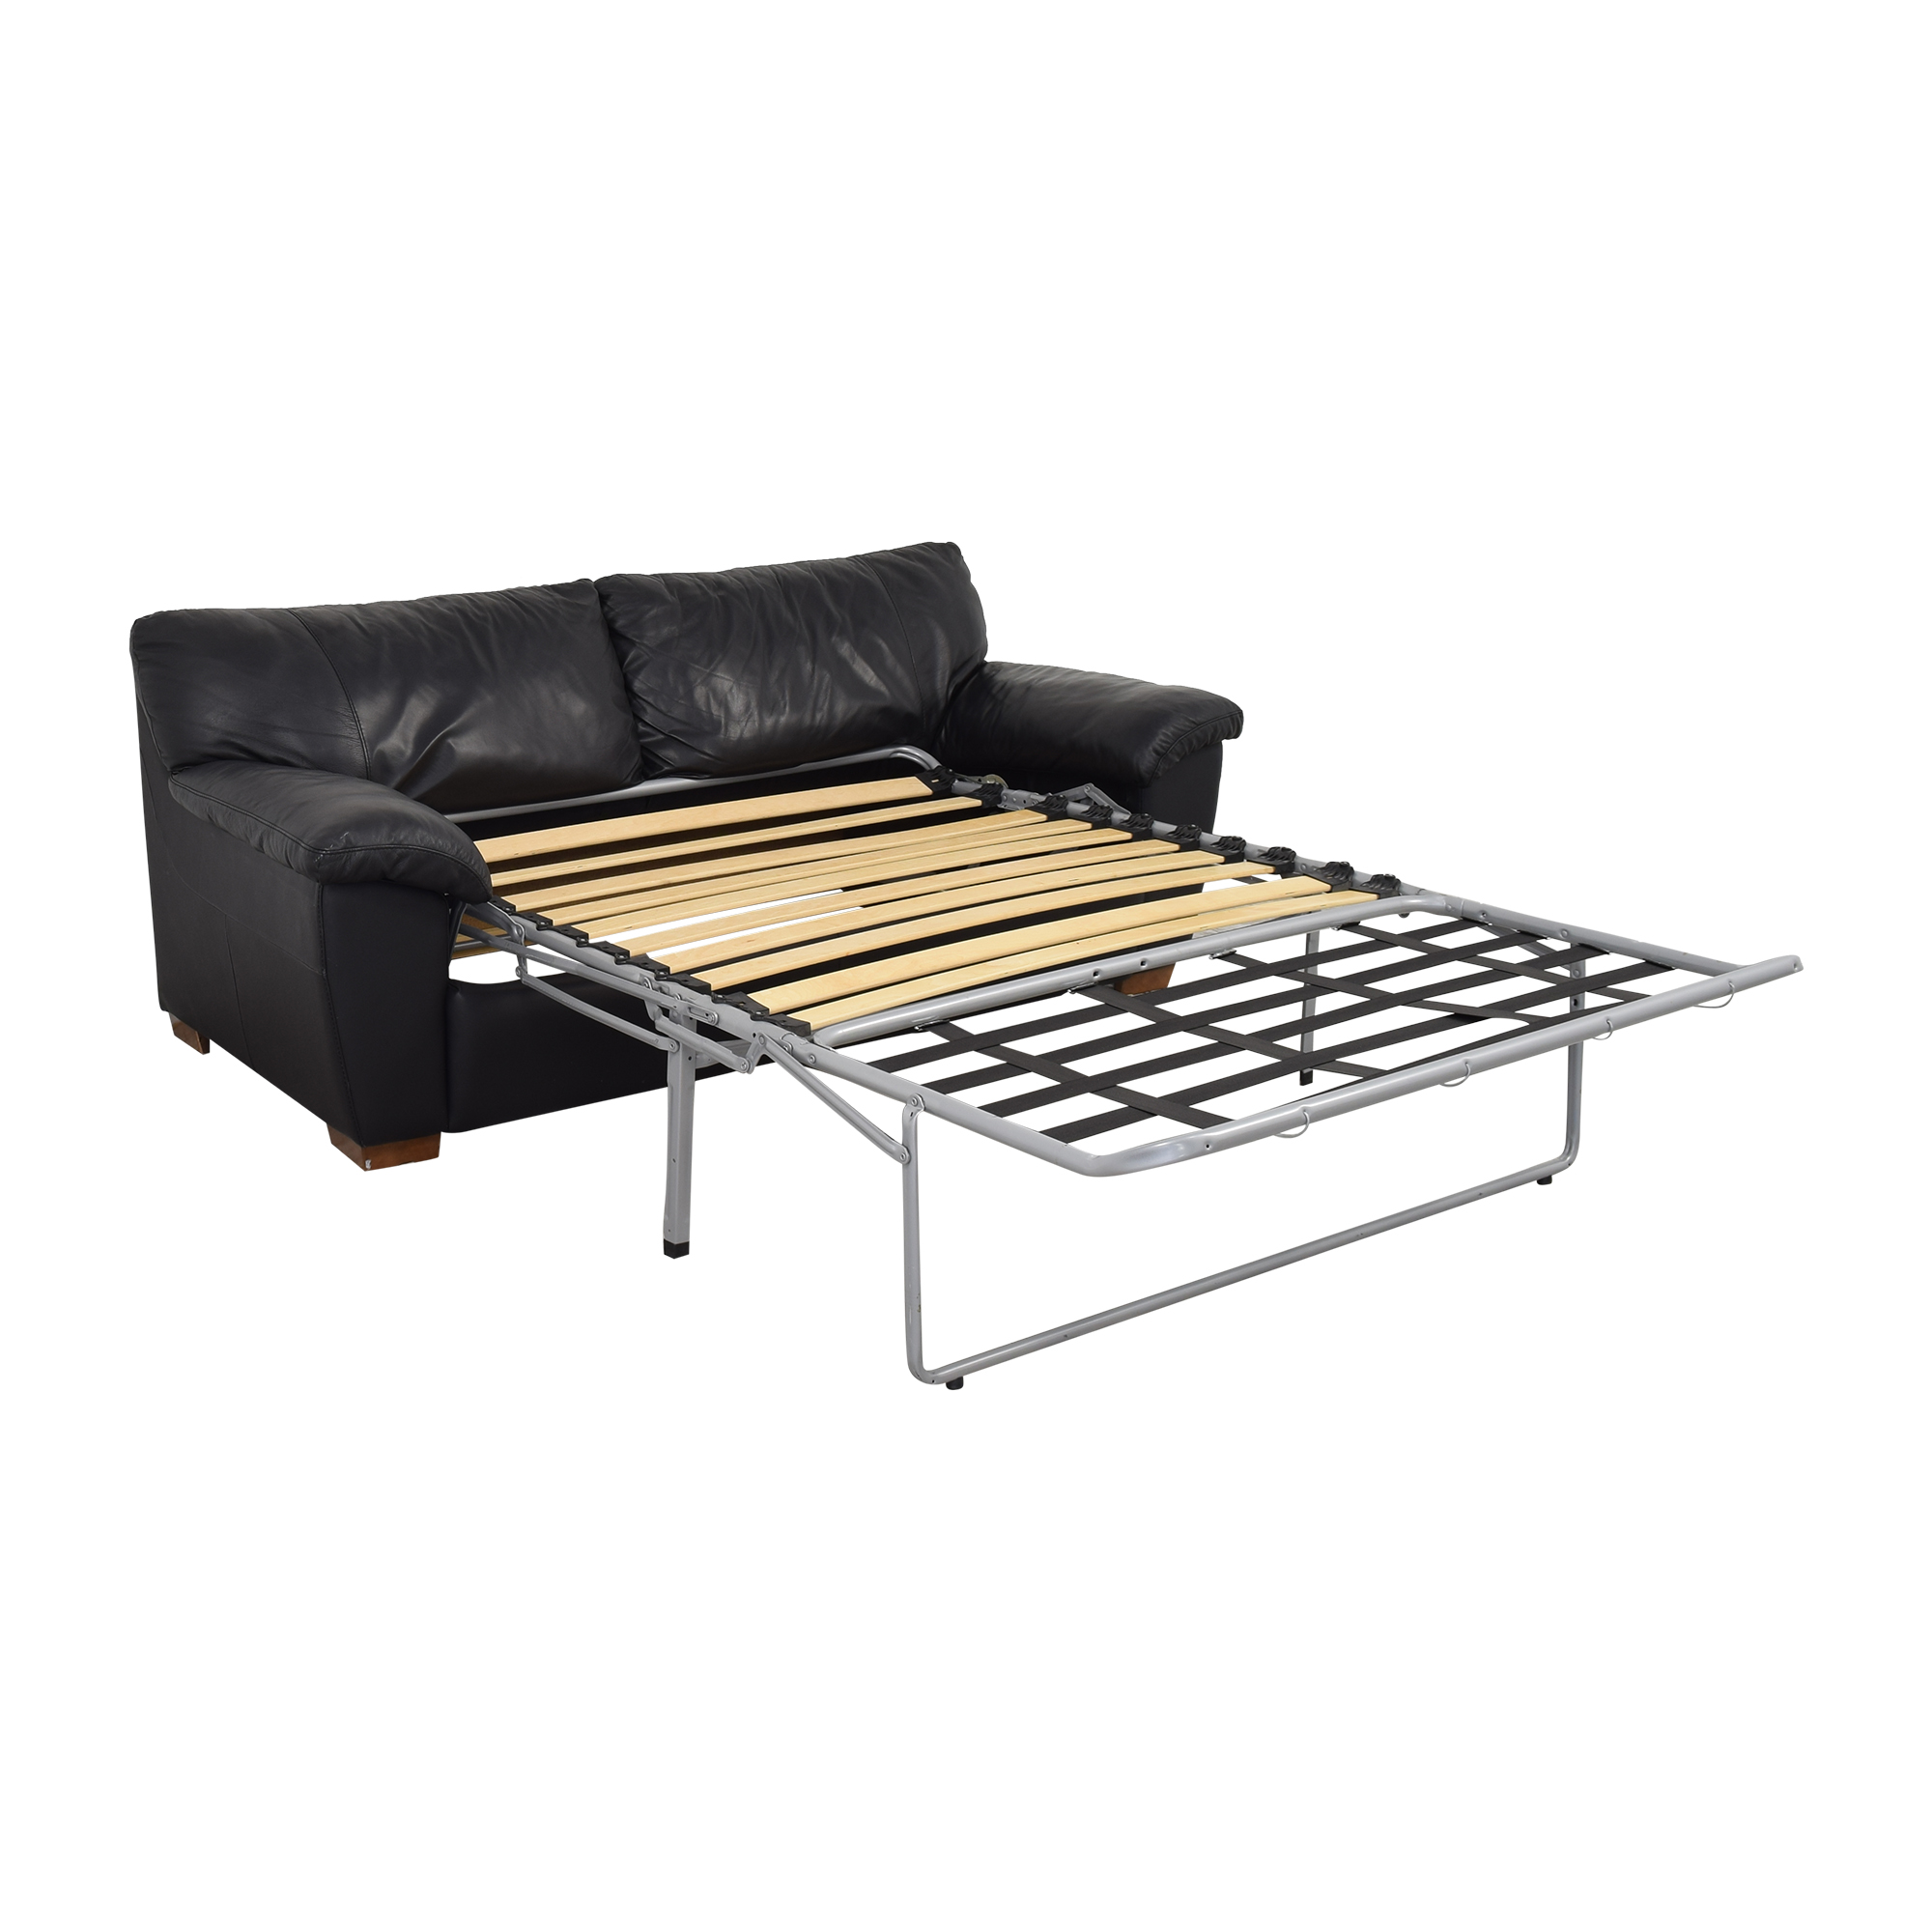 IKEA IKEA Vreta Pull Out Sofa Bed ct